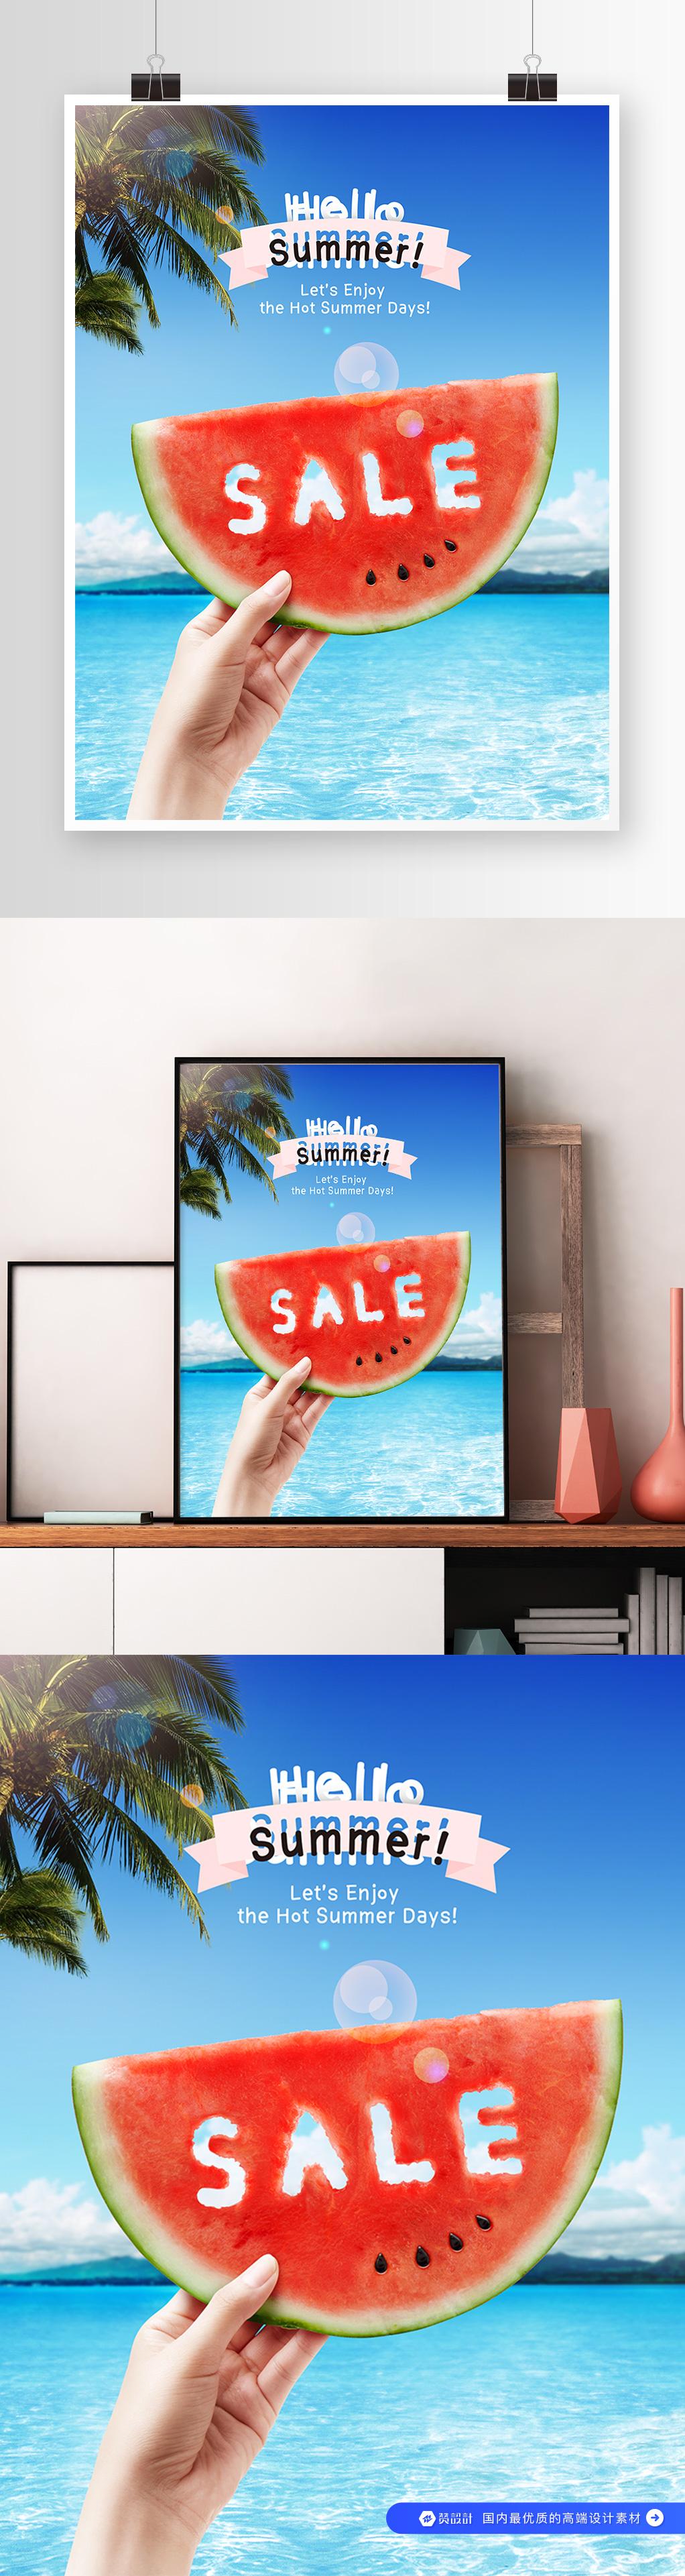 夏日清凉促销海报模板psd源文件SALE手拿西瓜蓝天